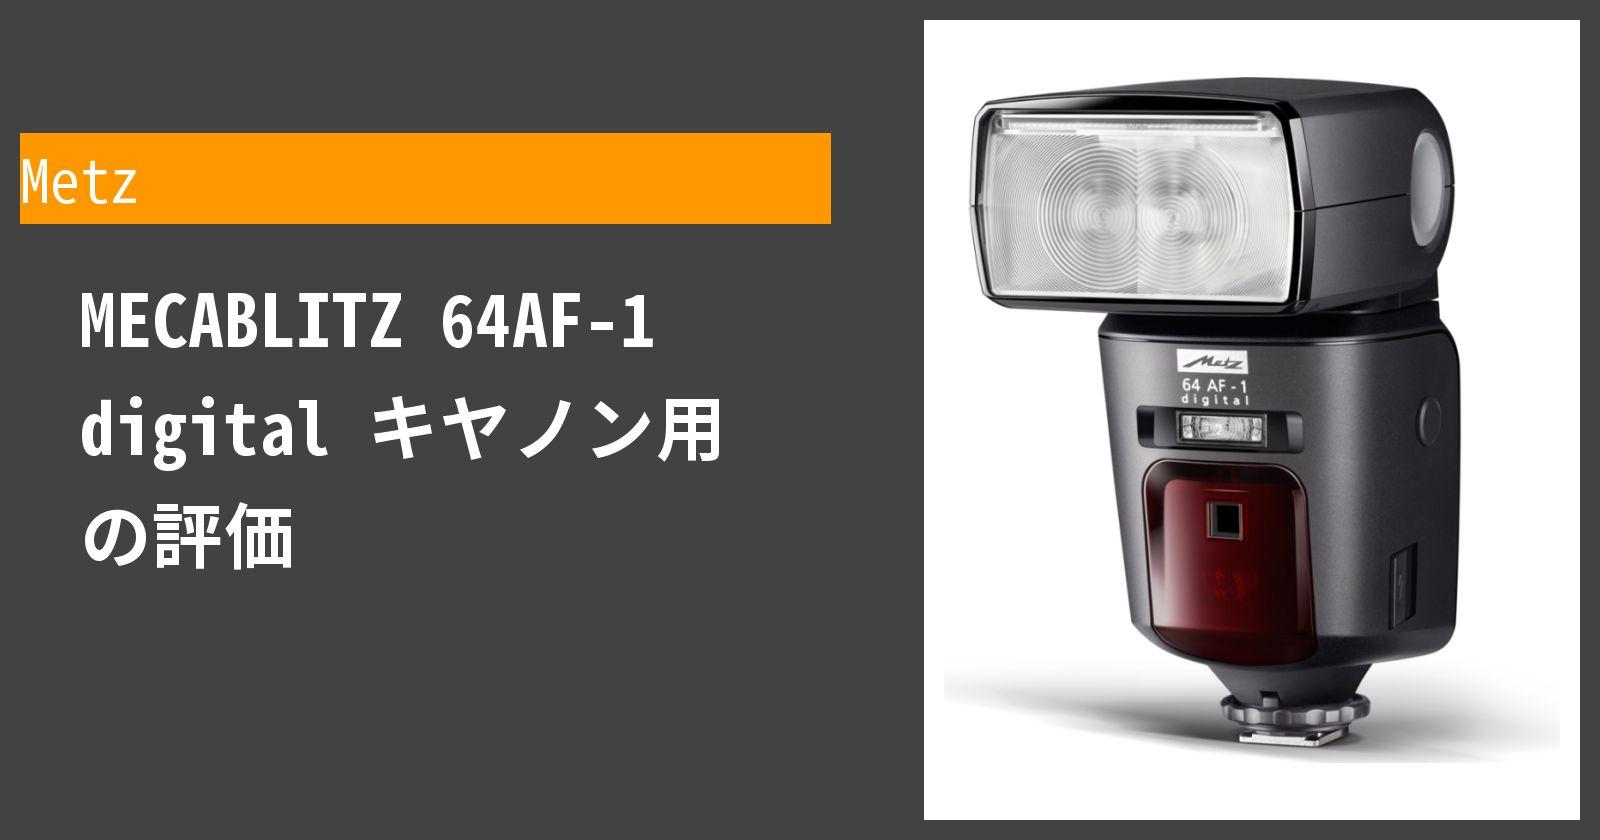 MECABLITZ 64AF-1 digital キヤノン用を徹底評価